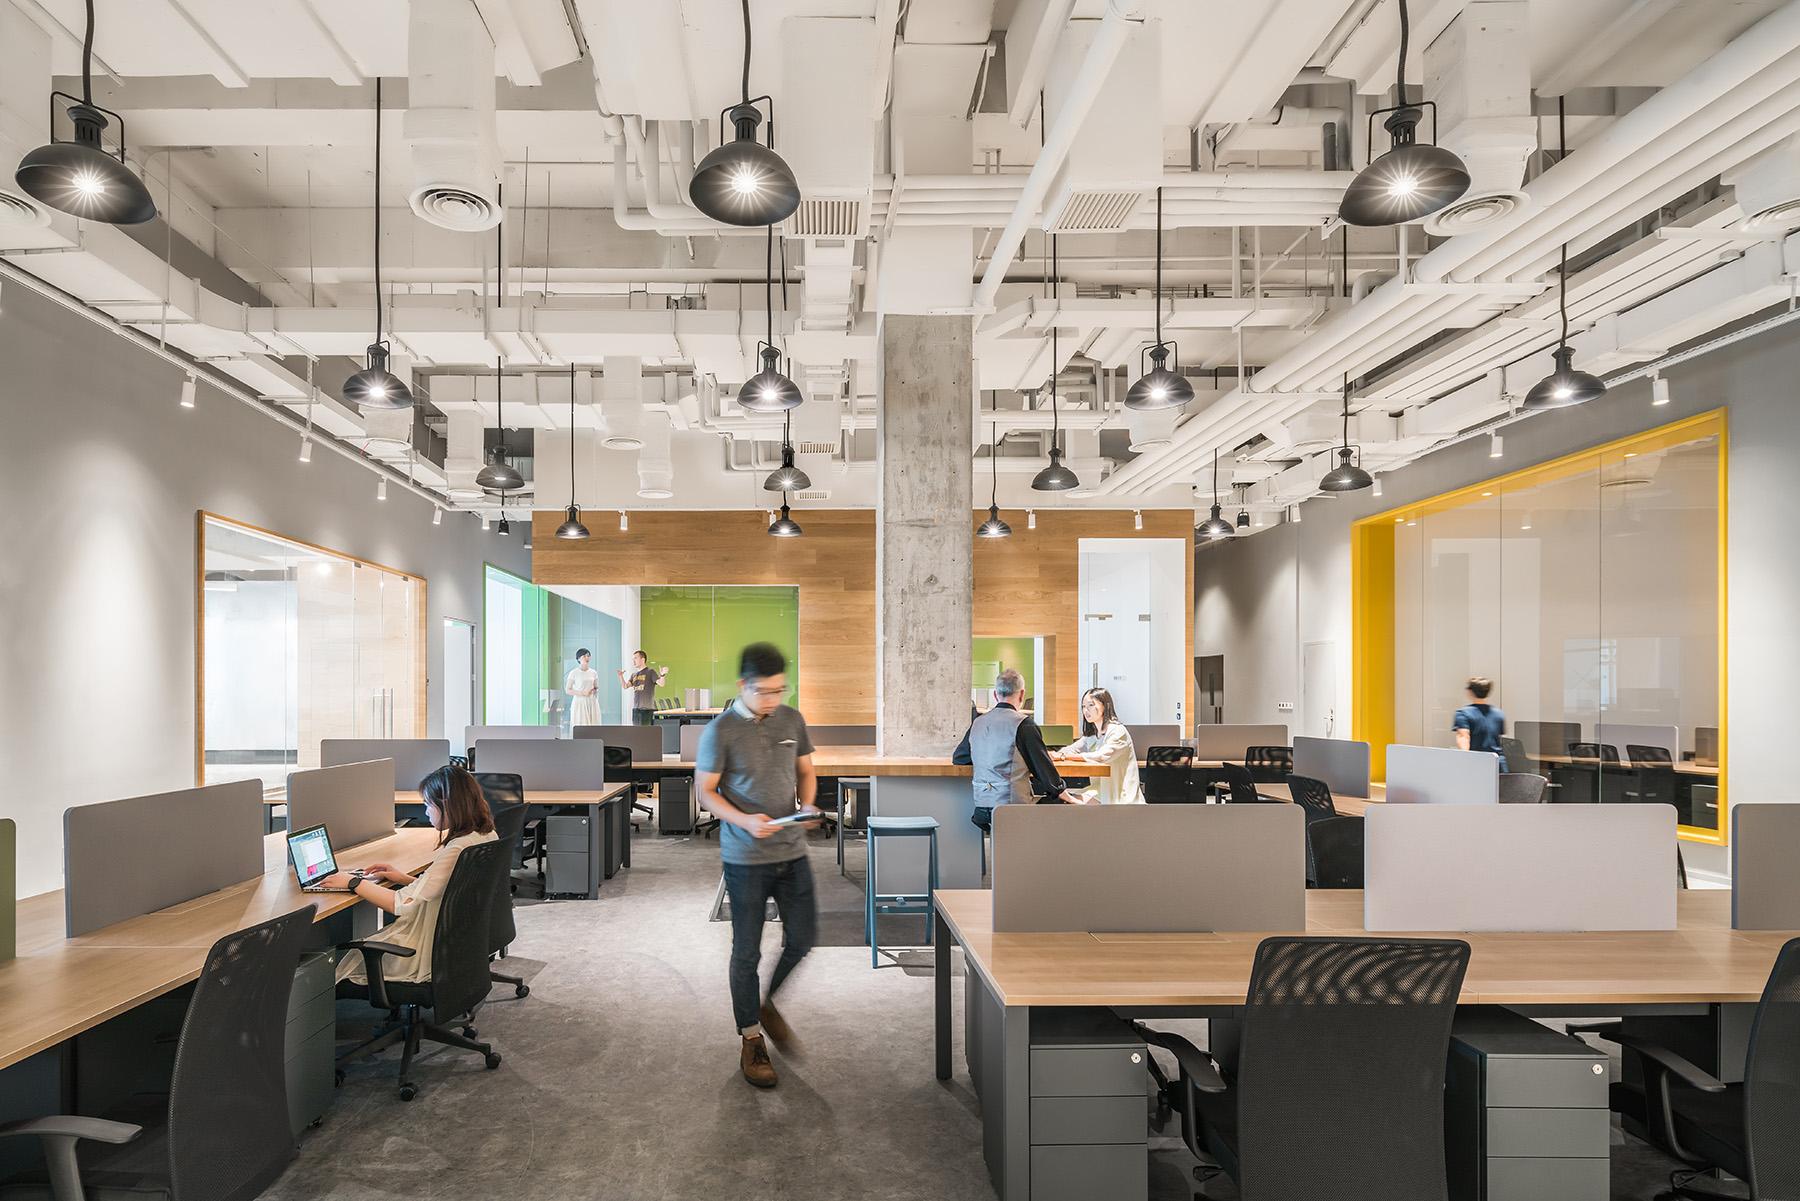 拒绝枯燥乏味!打造全新办公空间,给你家的温暖!|Gensler - 9